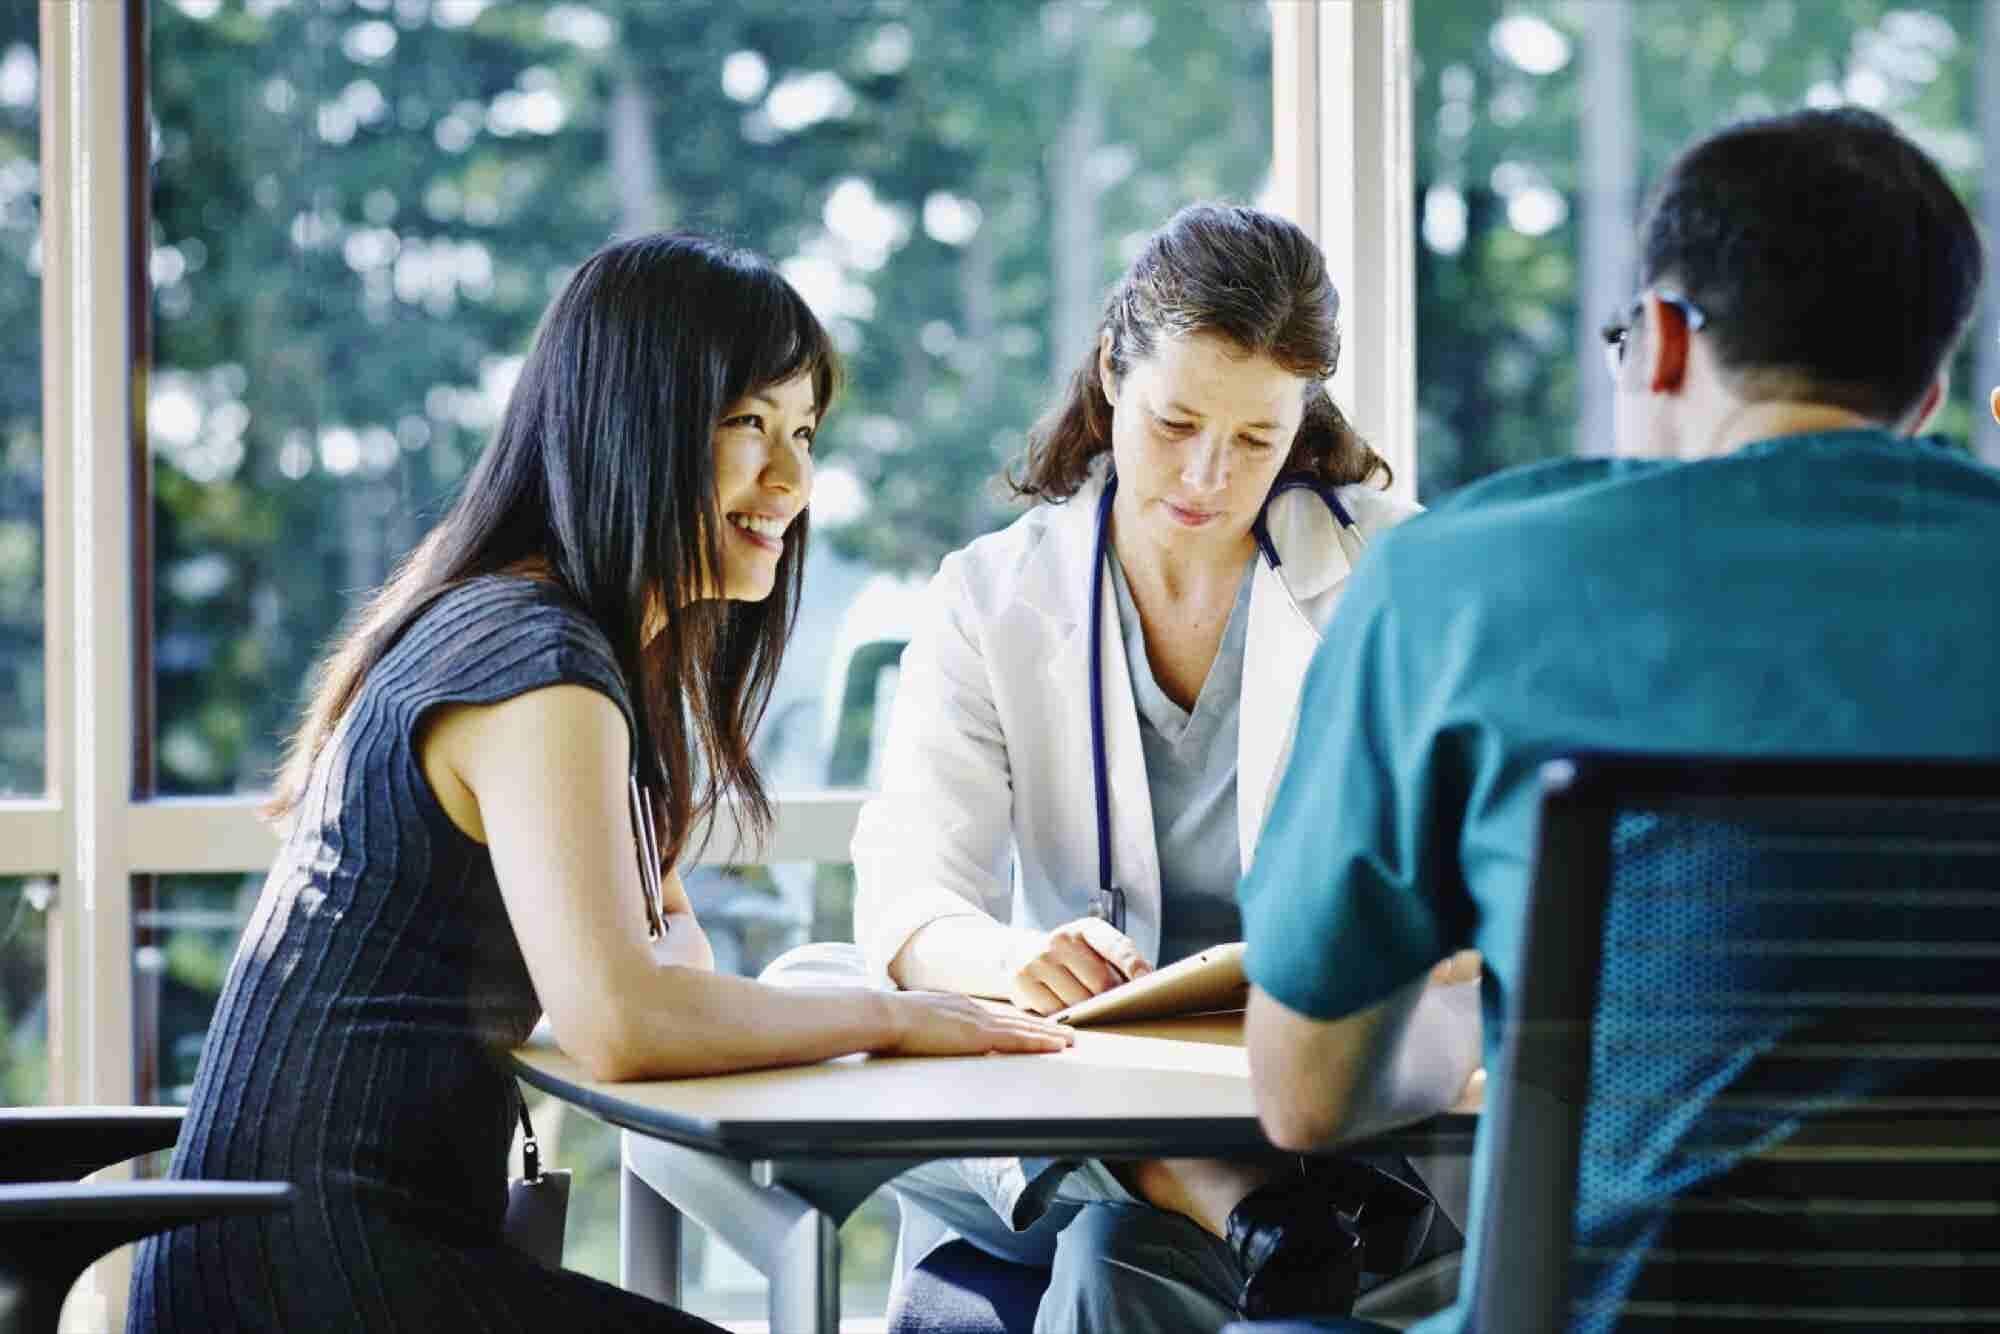 Medical Entrepreneurship Is Not Just for Big Pharma